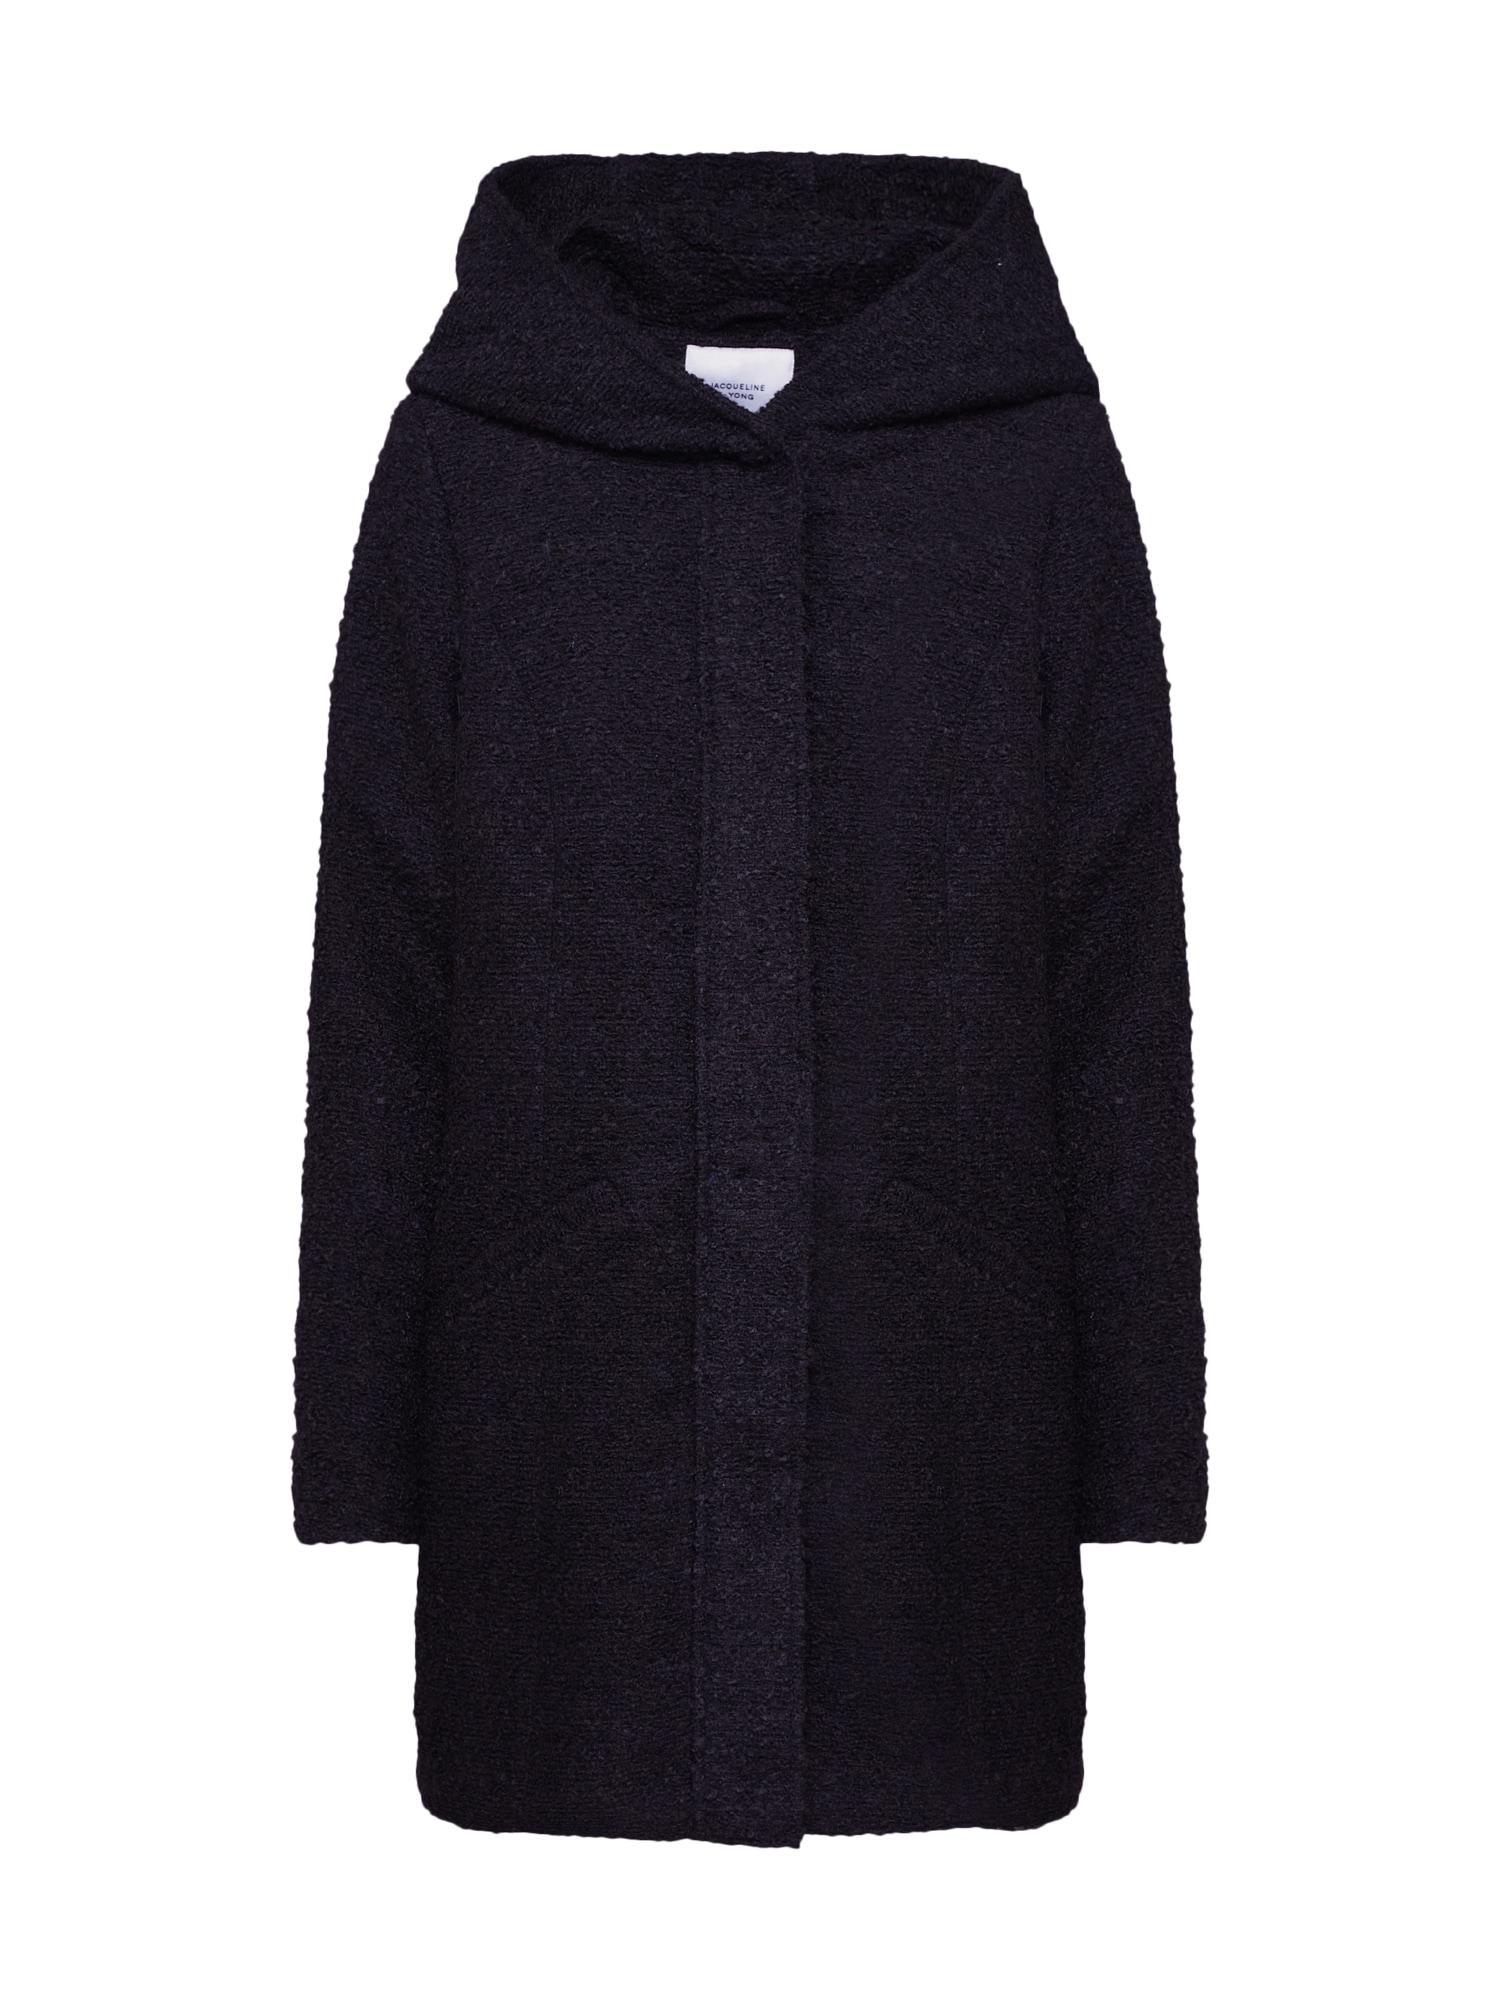 JACQUELINE de YONG Rudeninis-žieminis paltas 'DEMEA' juoda